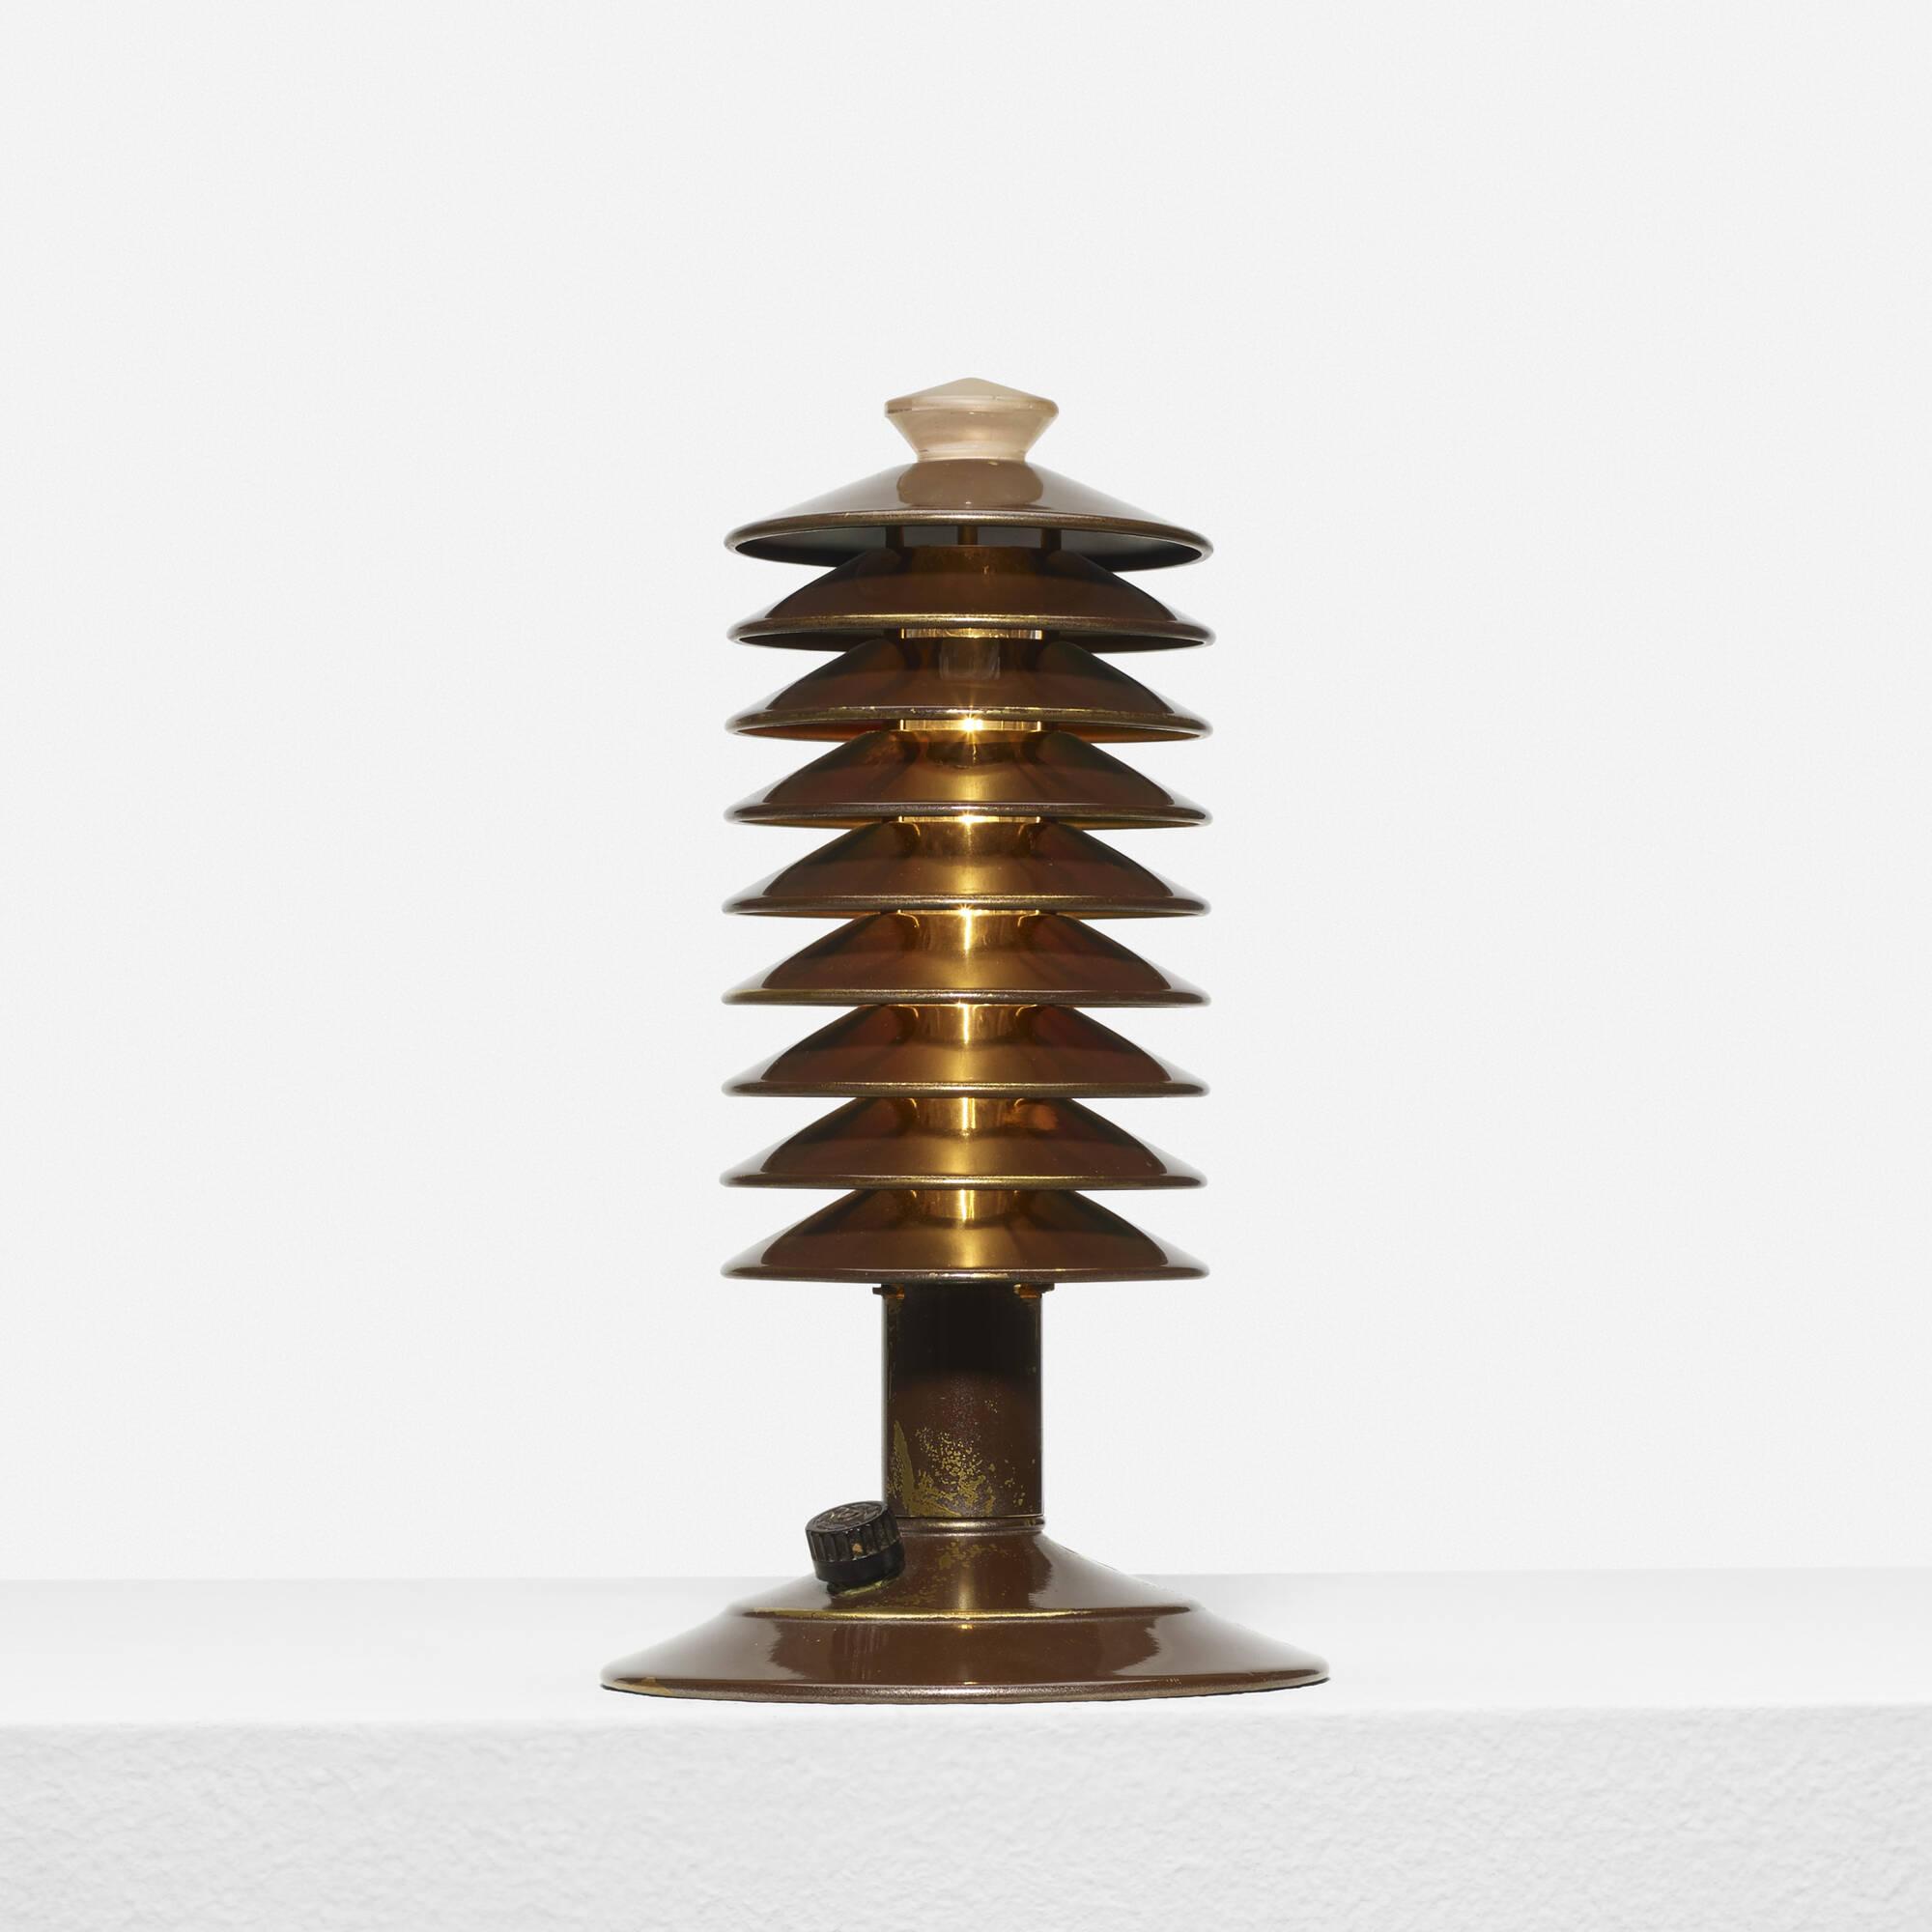 272: Walter von Nessen / table lamp (1 of 1)